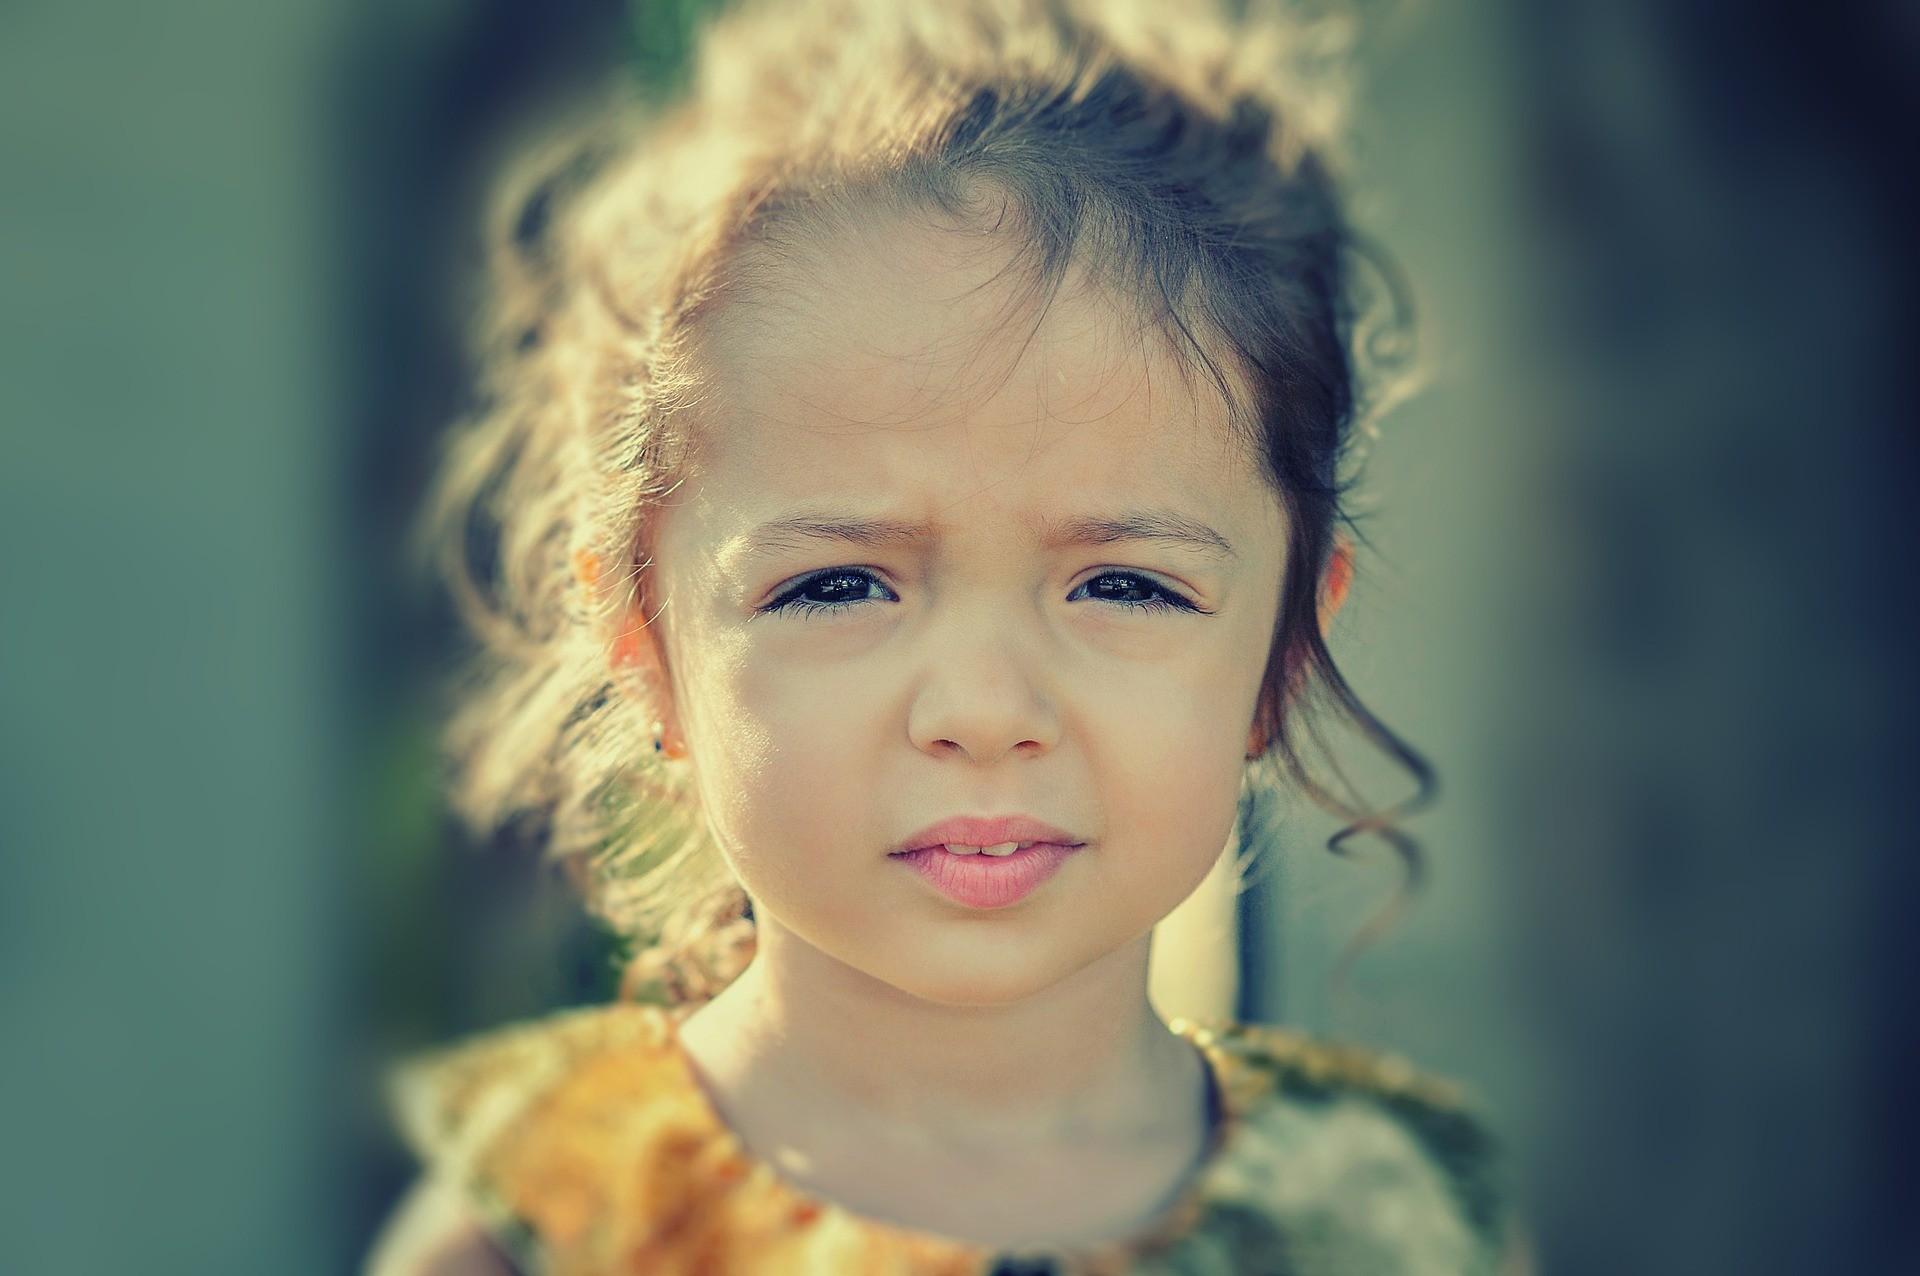 ▲小孩,孩子,兒童 。(圖/取自免費圖Pixabay)